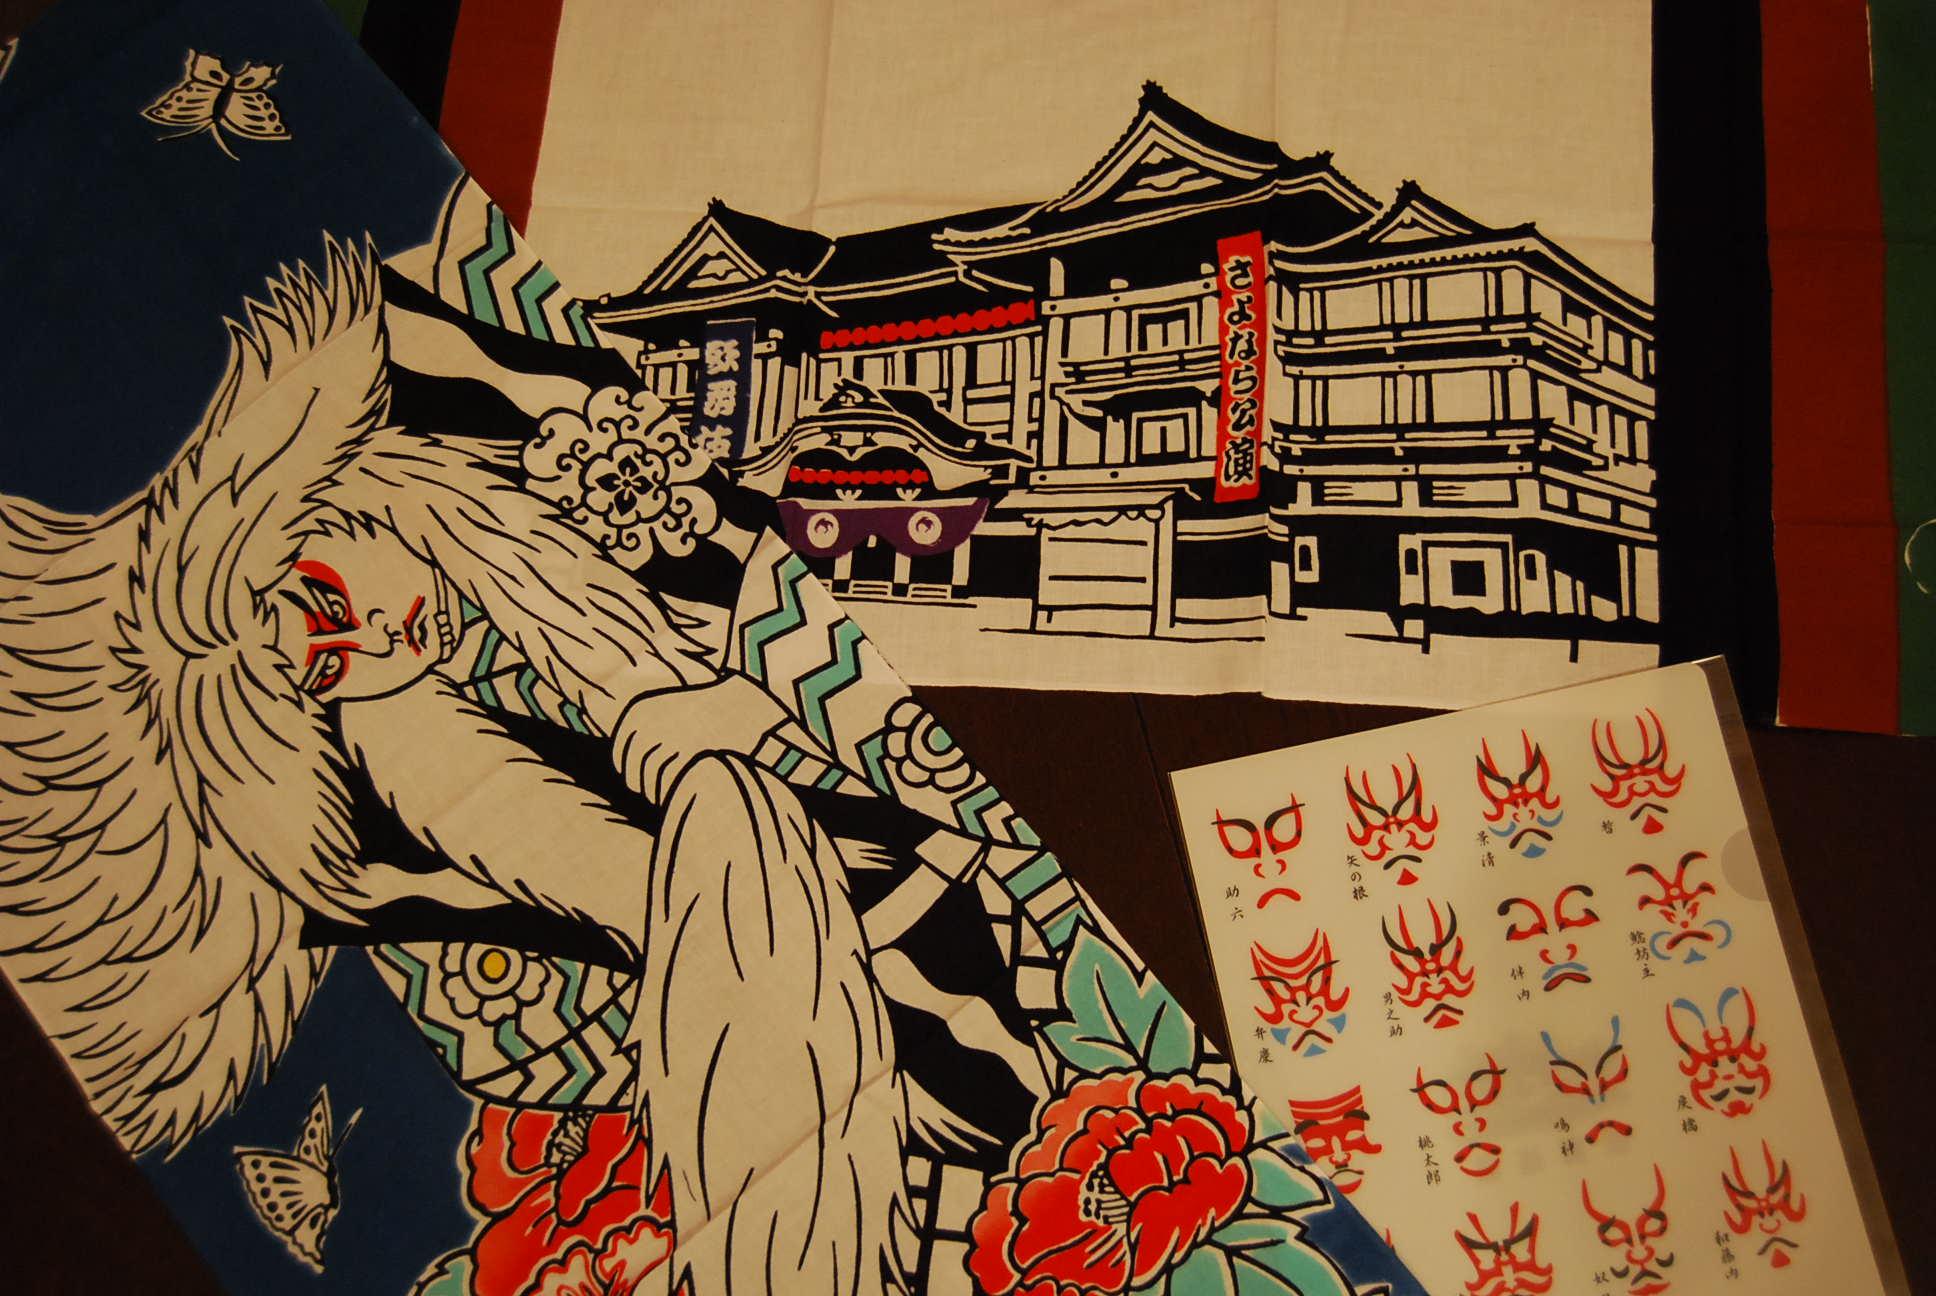 歌舞伎座さよなら公演_e0142956_18362496.jpg